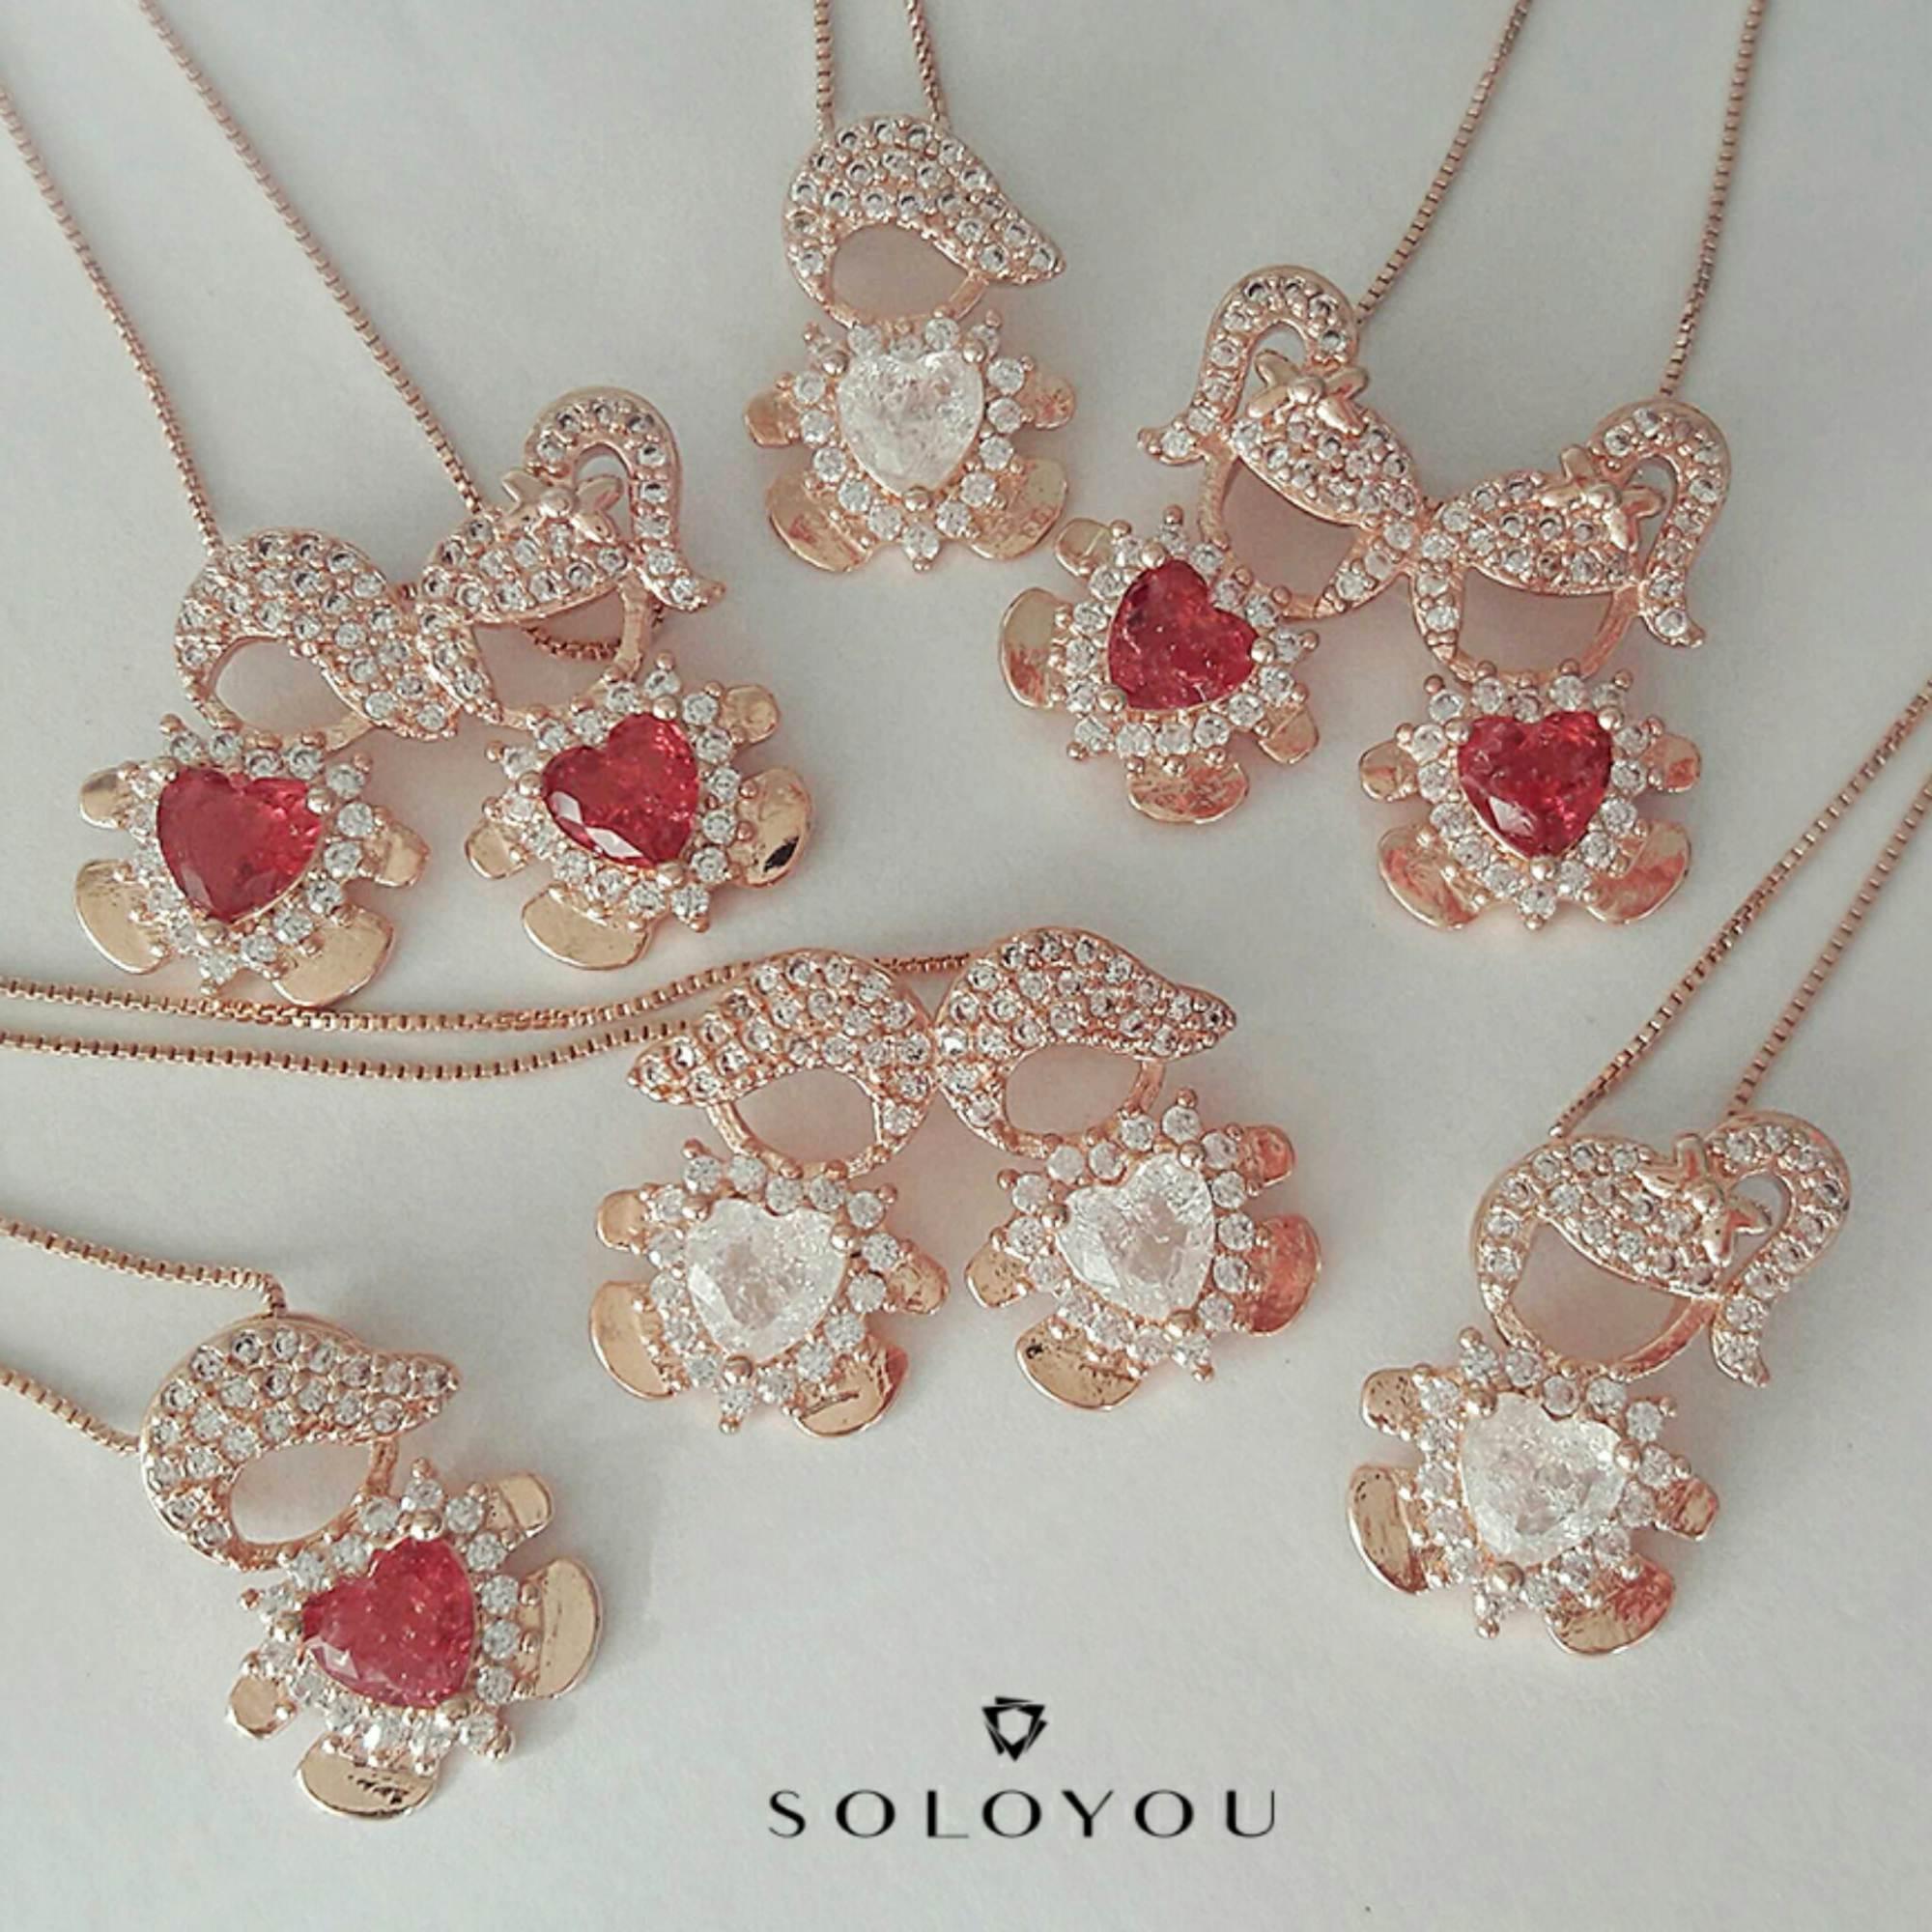 Colar com Pingente 1 Menina e 1 Menino Zircônia e Pedra Fusion Cristal Semijoia Ouro Rosé  - Soloyou